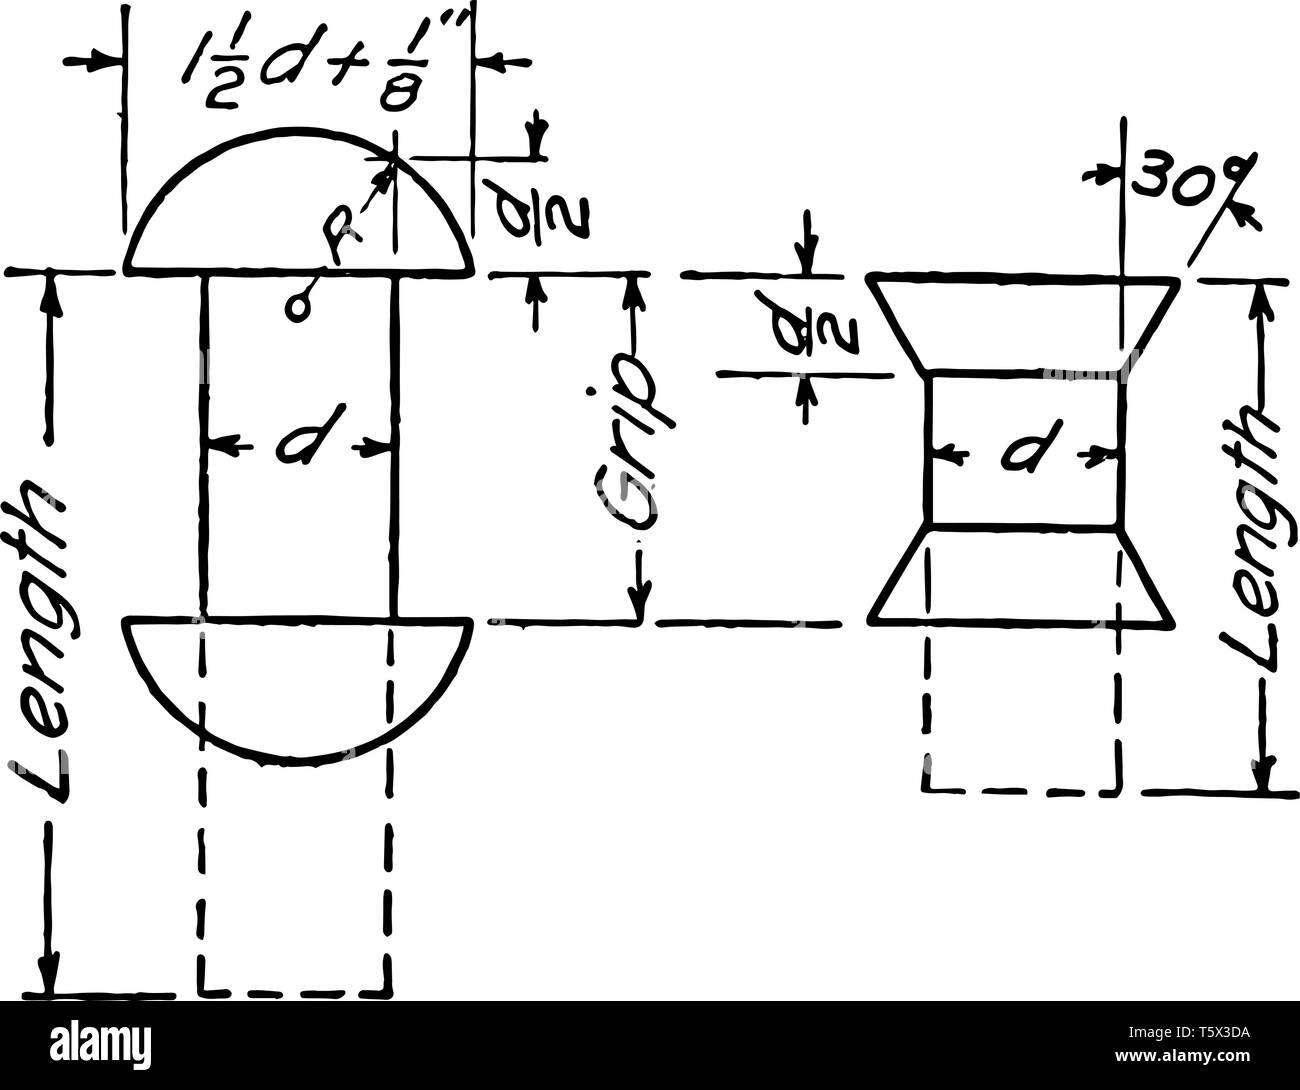 Rivet drawing symbol